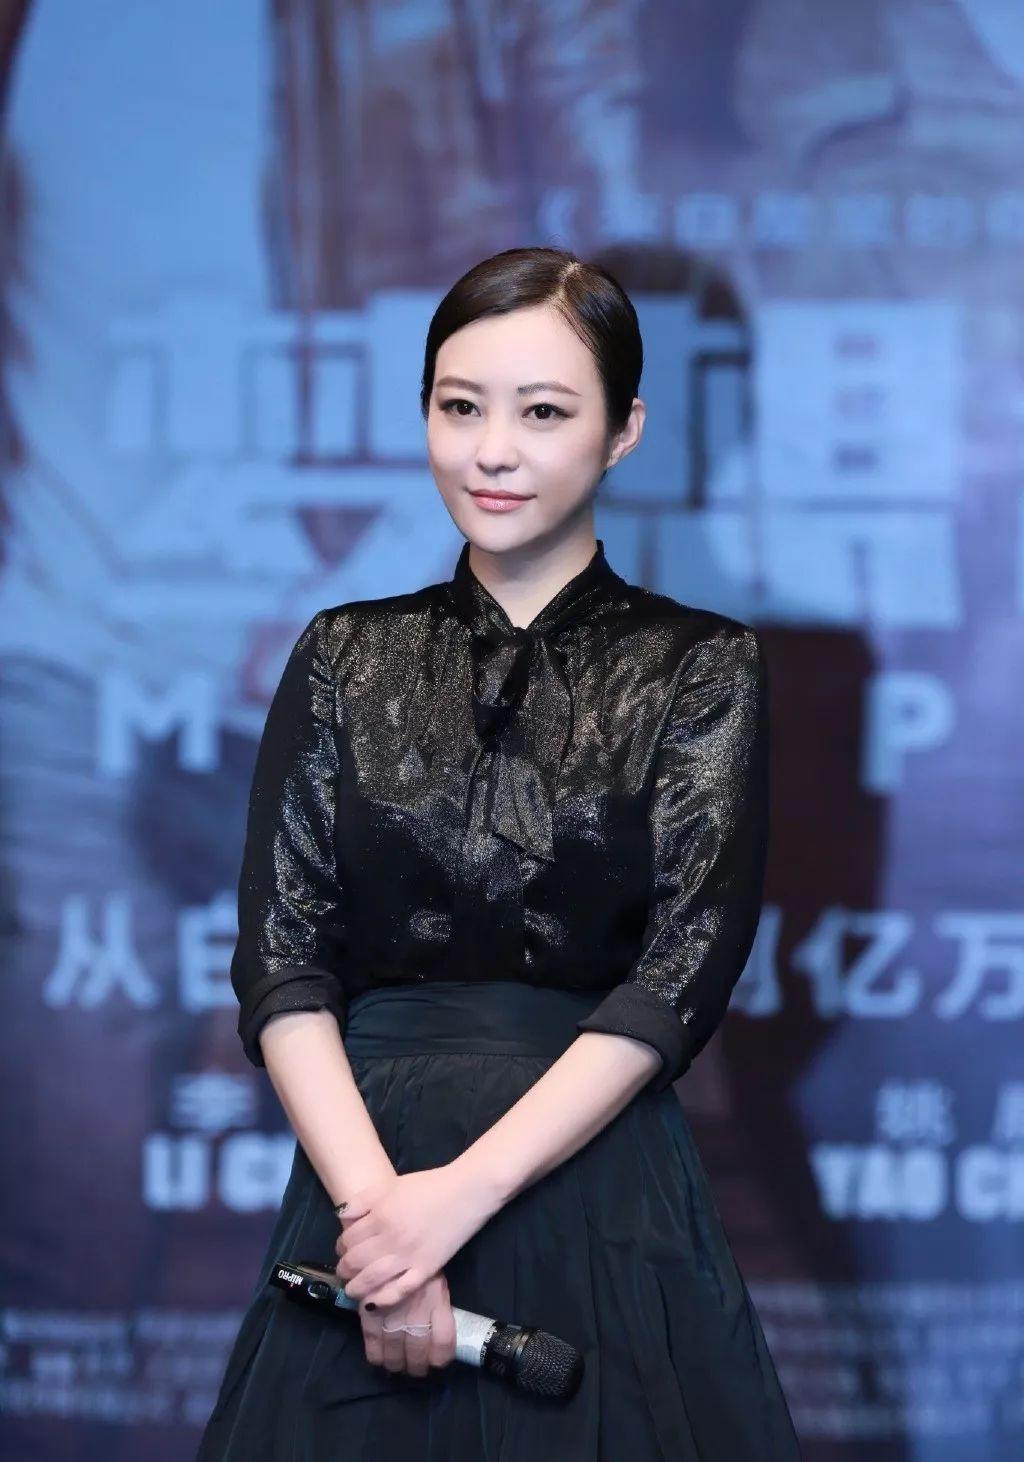 邓超前女友揭娱乐圈内幕,讽刺演员炫耀过度,还为梁朝伟打抱不平